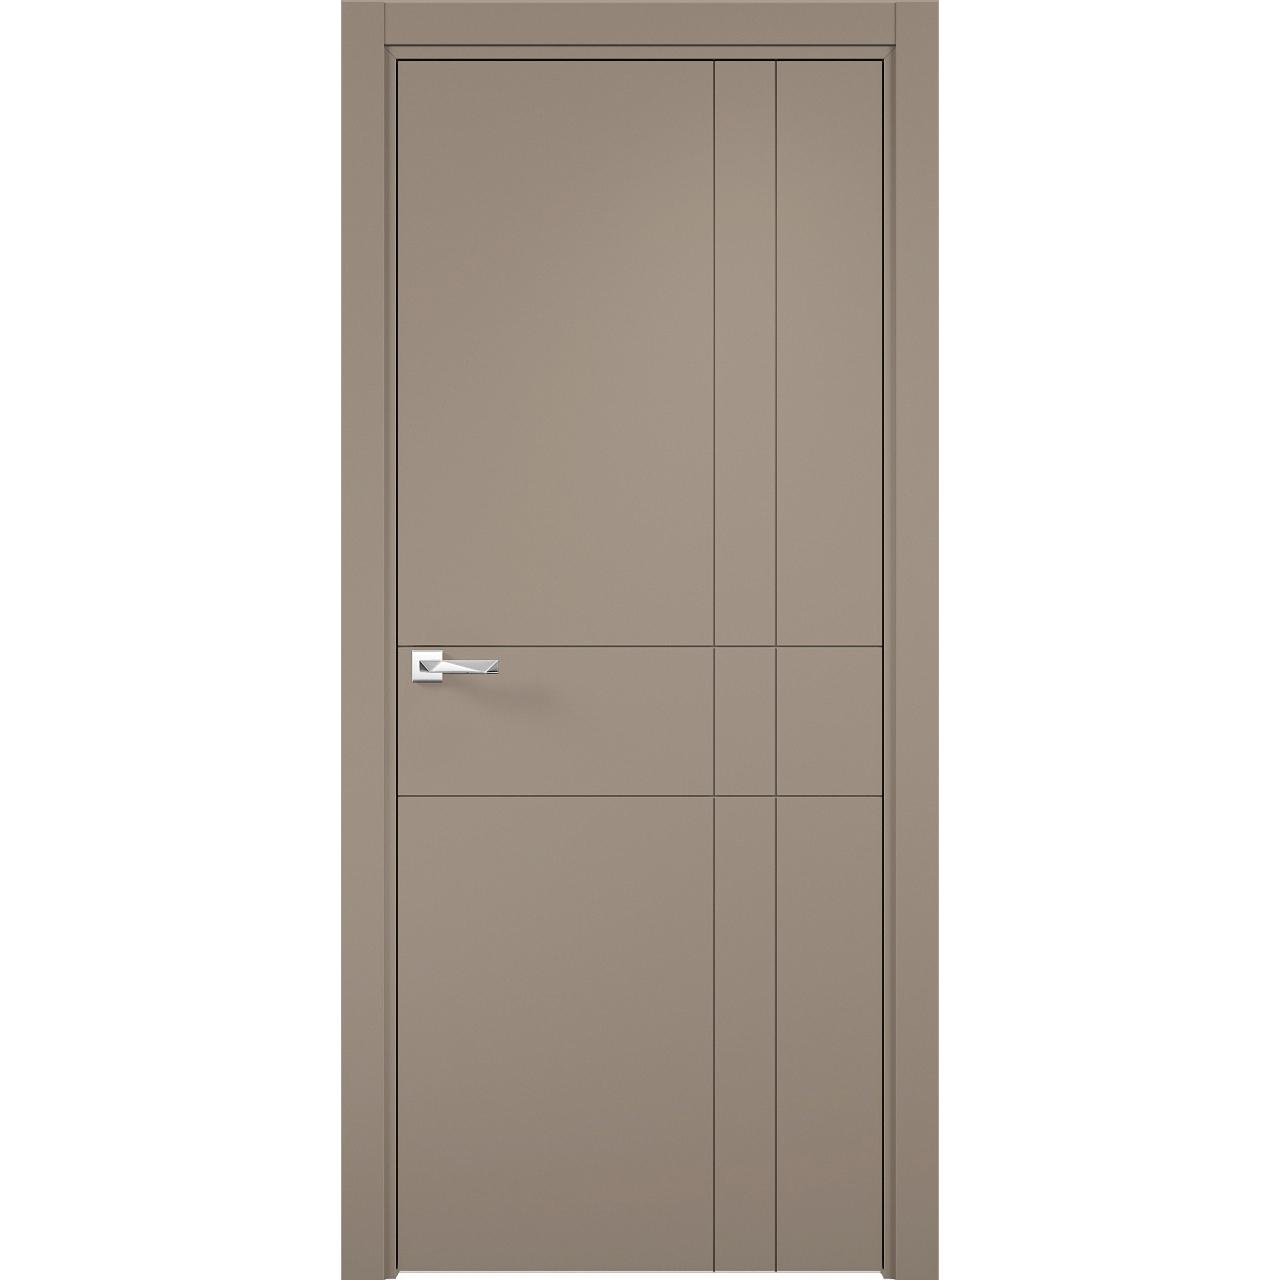 Межкомнатная дверь эмалит «Севилья 02» (глухая)